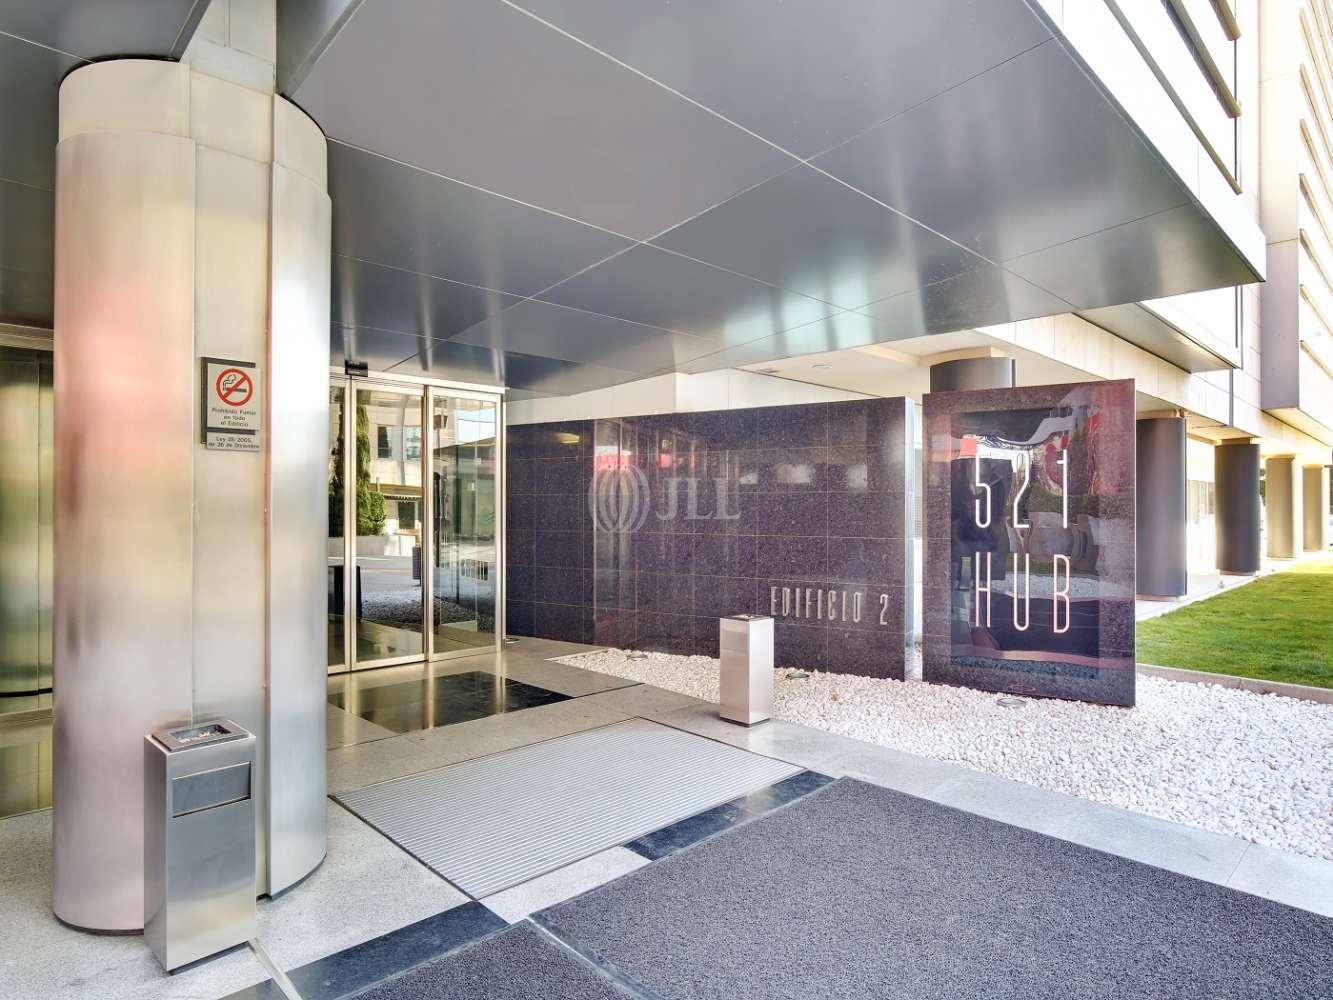 Oficina Rivas-vaciamadrid, 28521 - 521 Hub. Edificio 2 - 14506